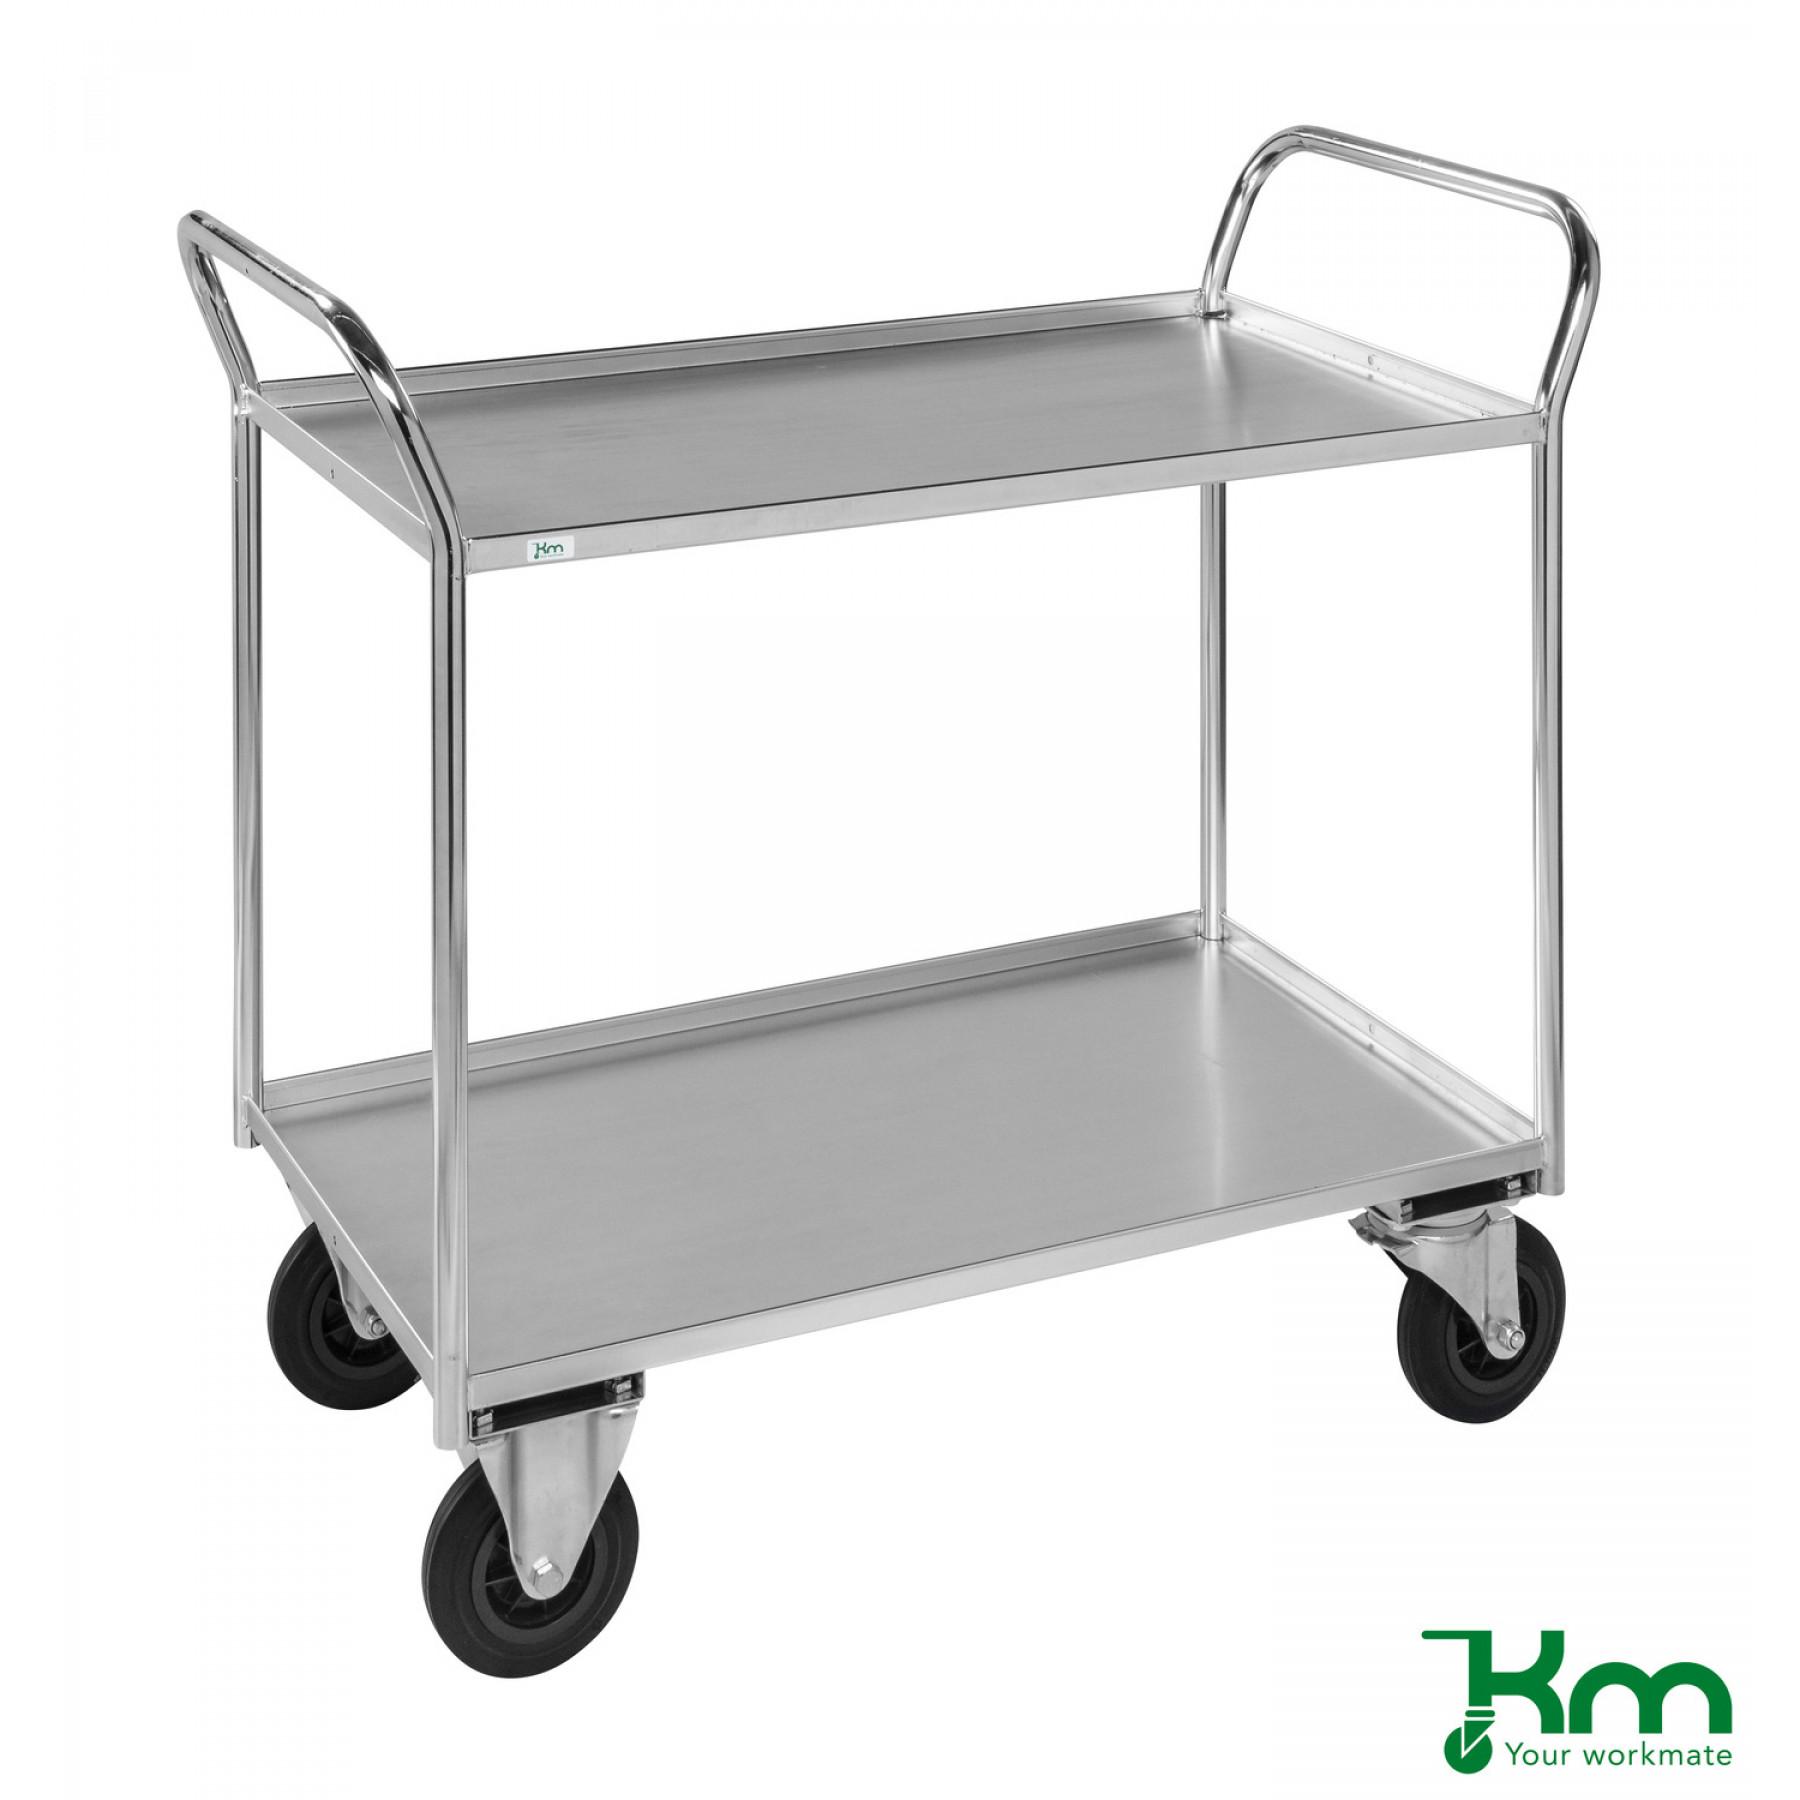 Heavy-duty tafelwagen 1080x450 mm, KM 4133-EB